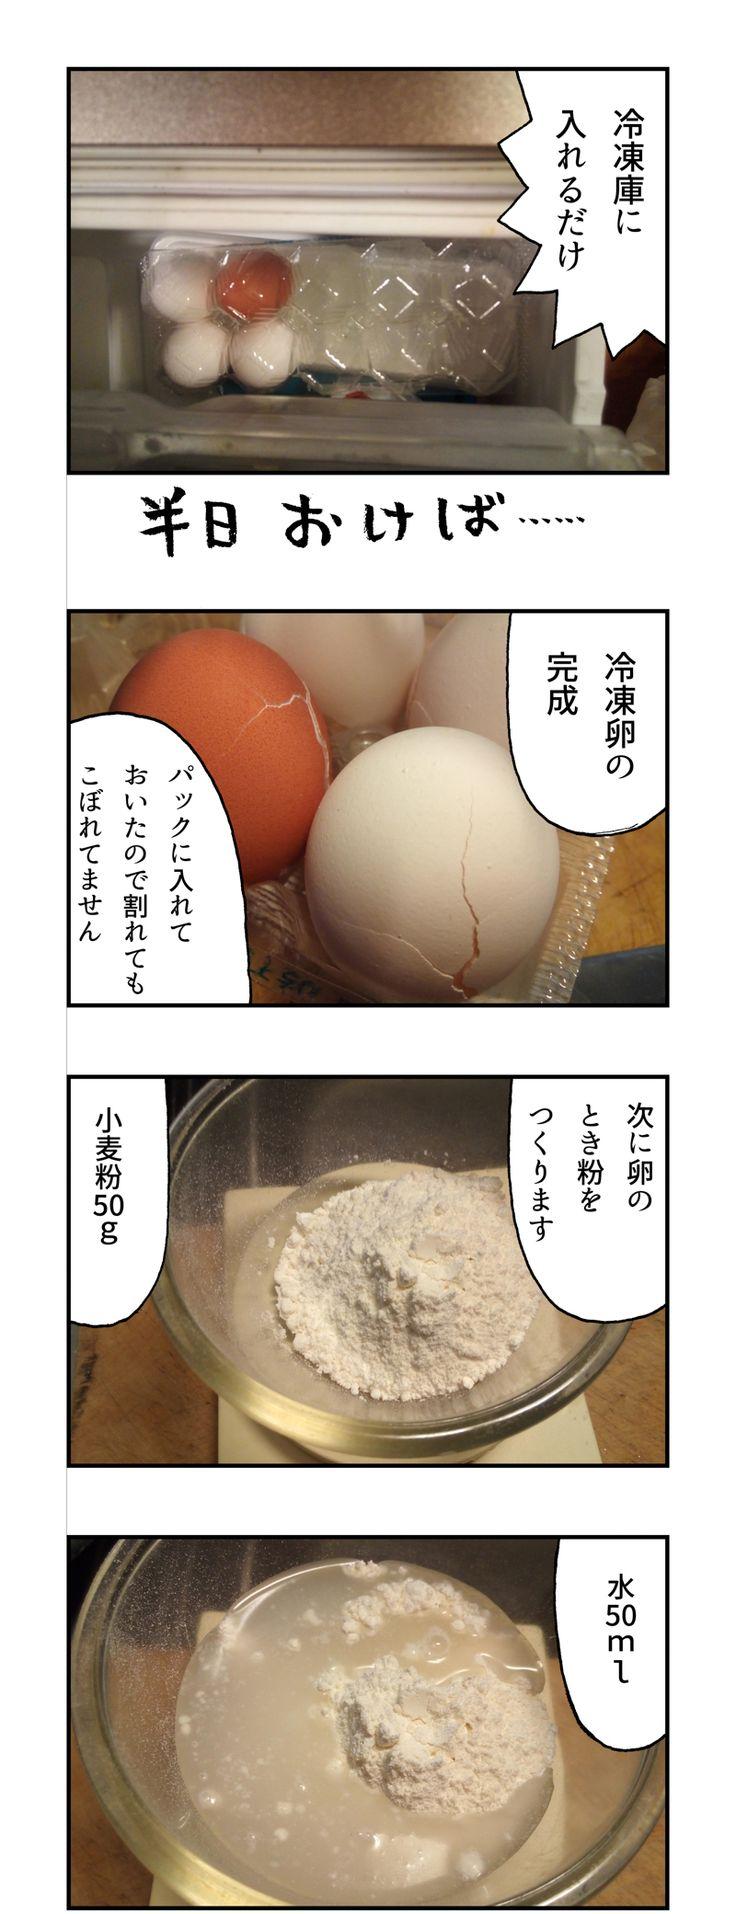 f:id:Meshi2_IB:20161221131953j:plain